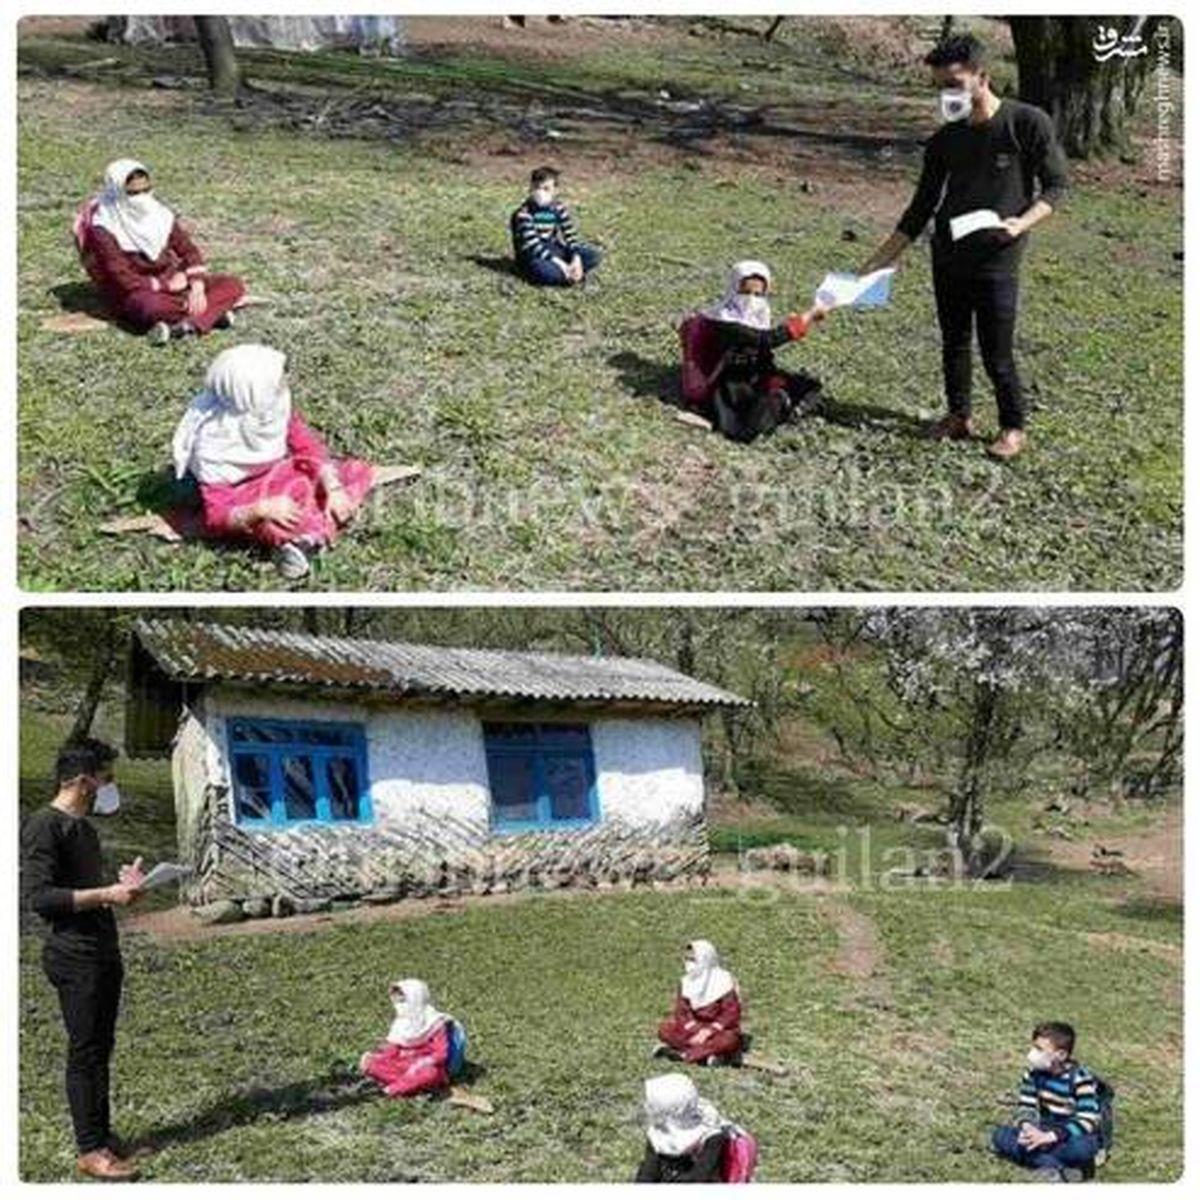 برگزاری کلاس درس در دل طبیعت تالش +عکس